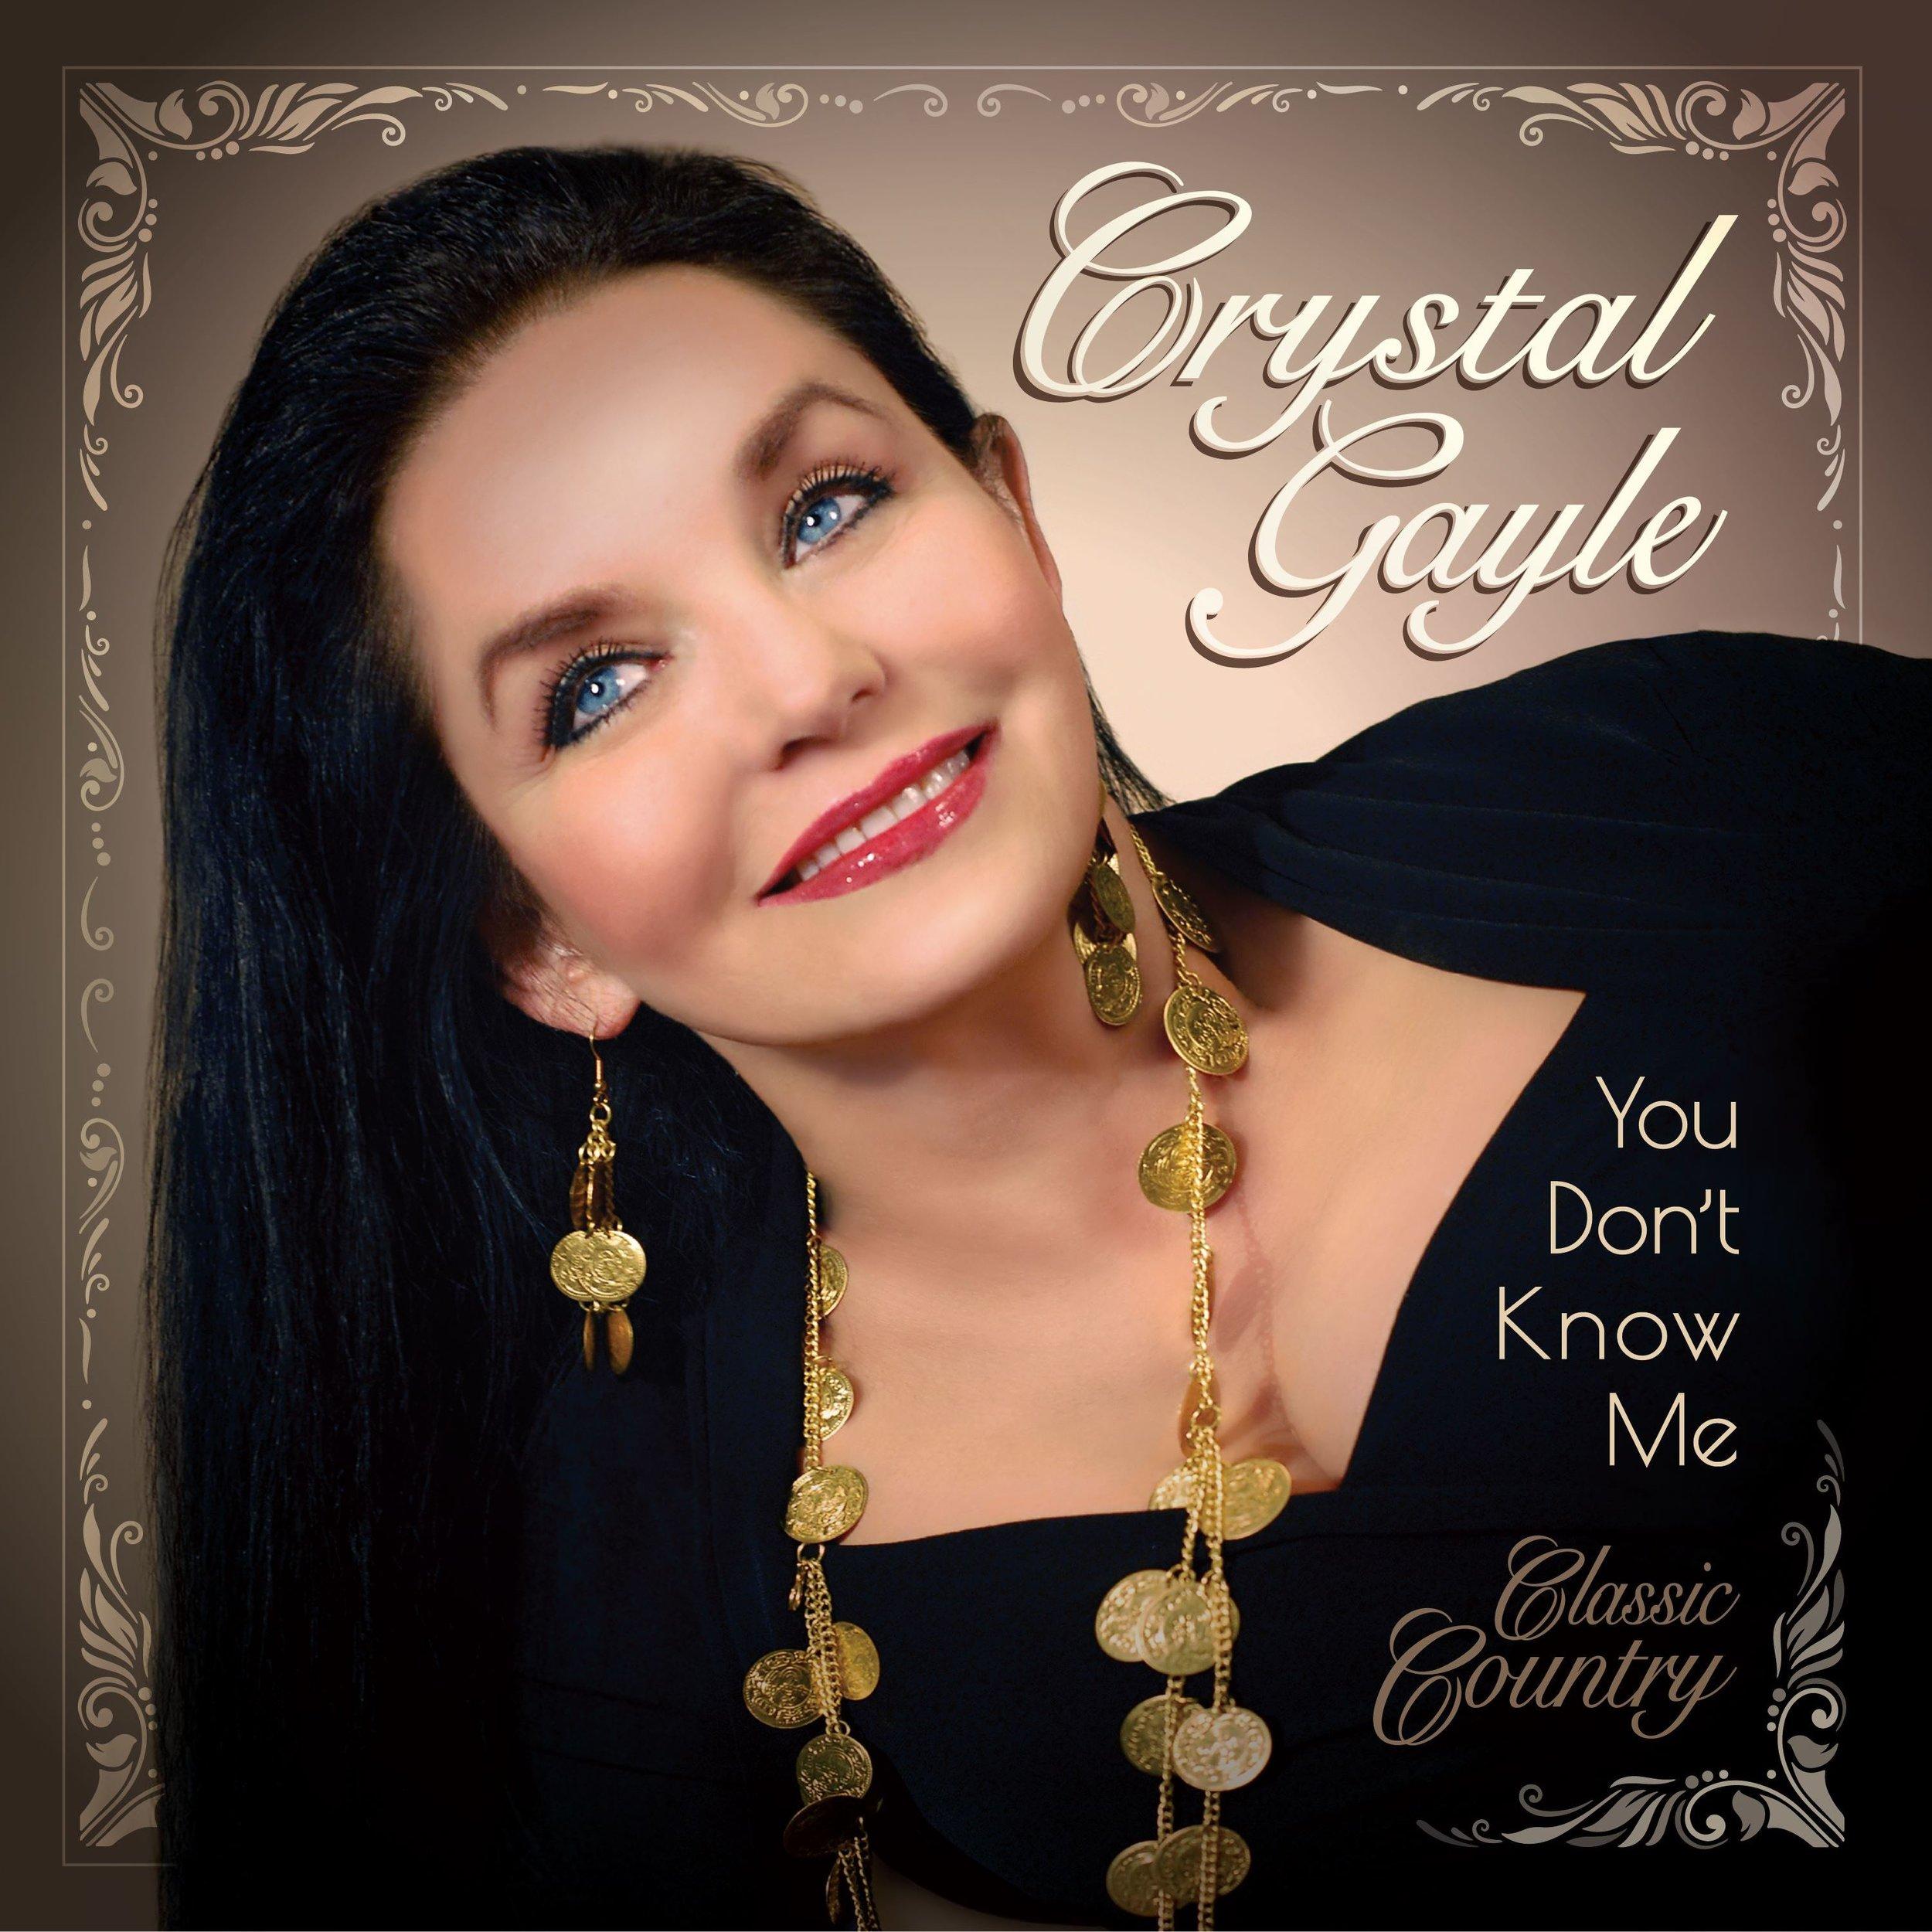 CrystalGayle_Cover_Hi-Res.jpg